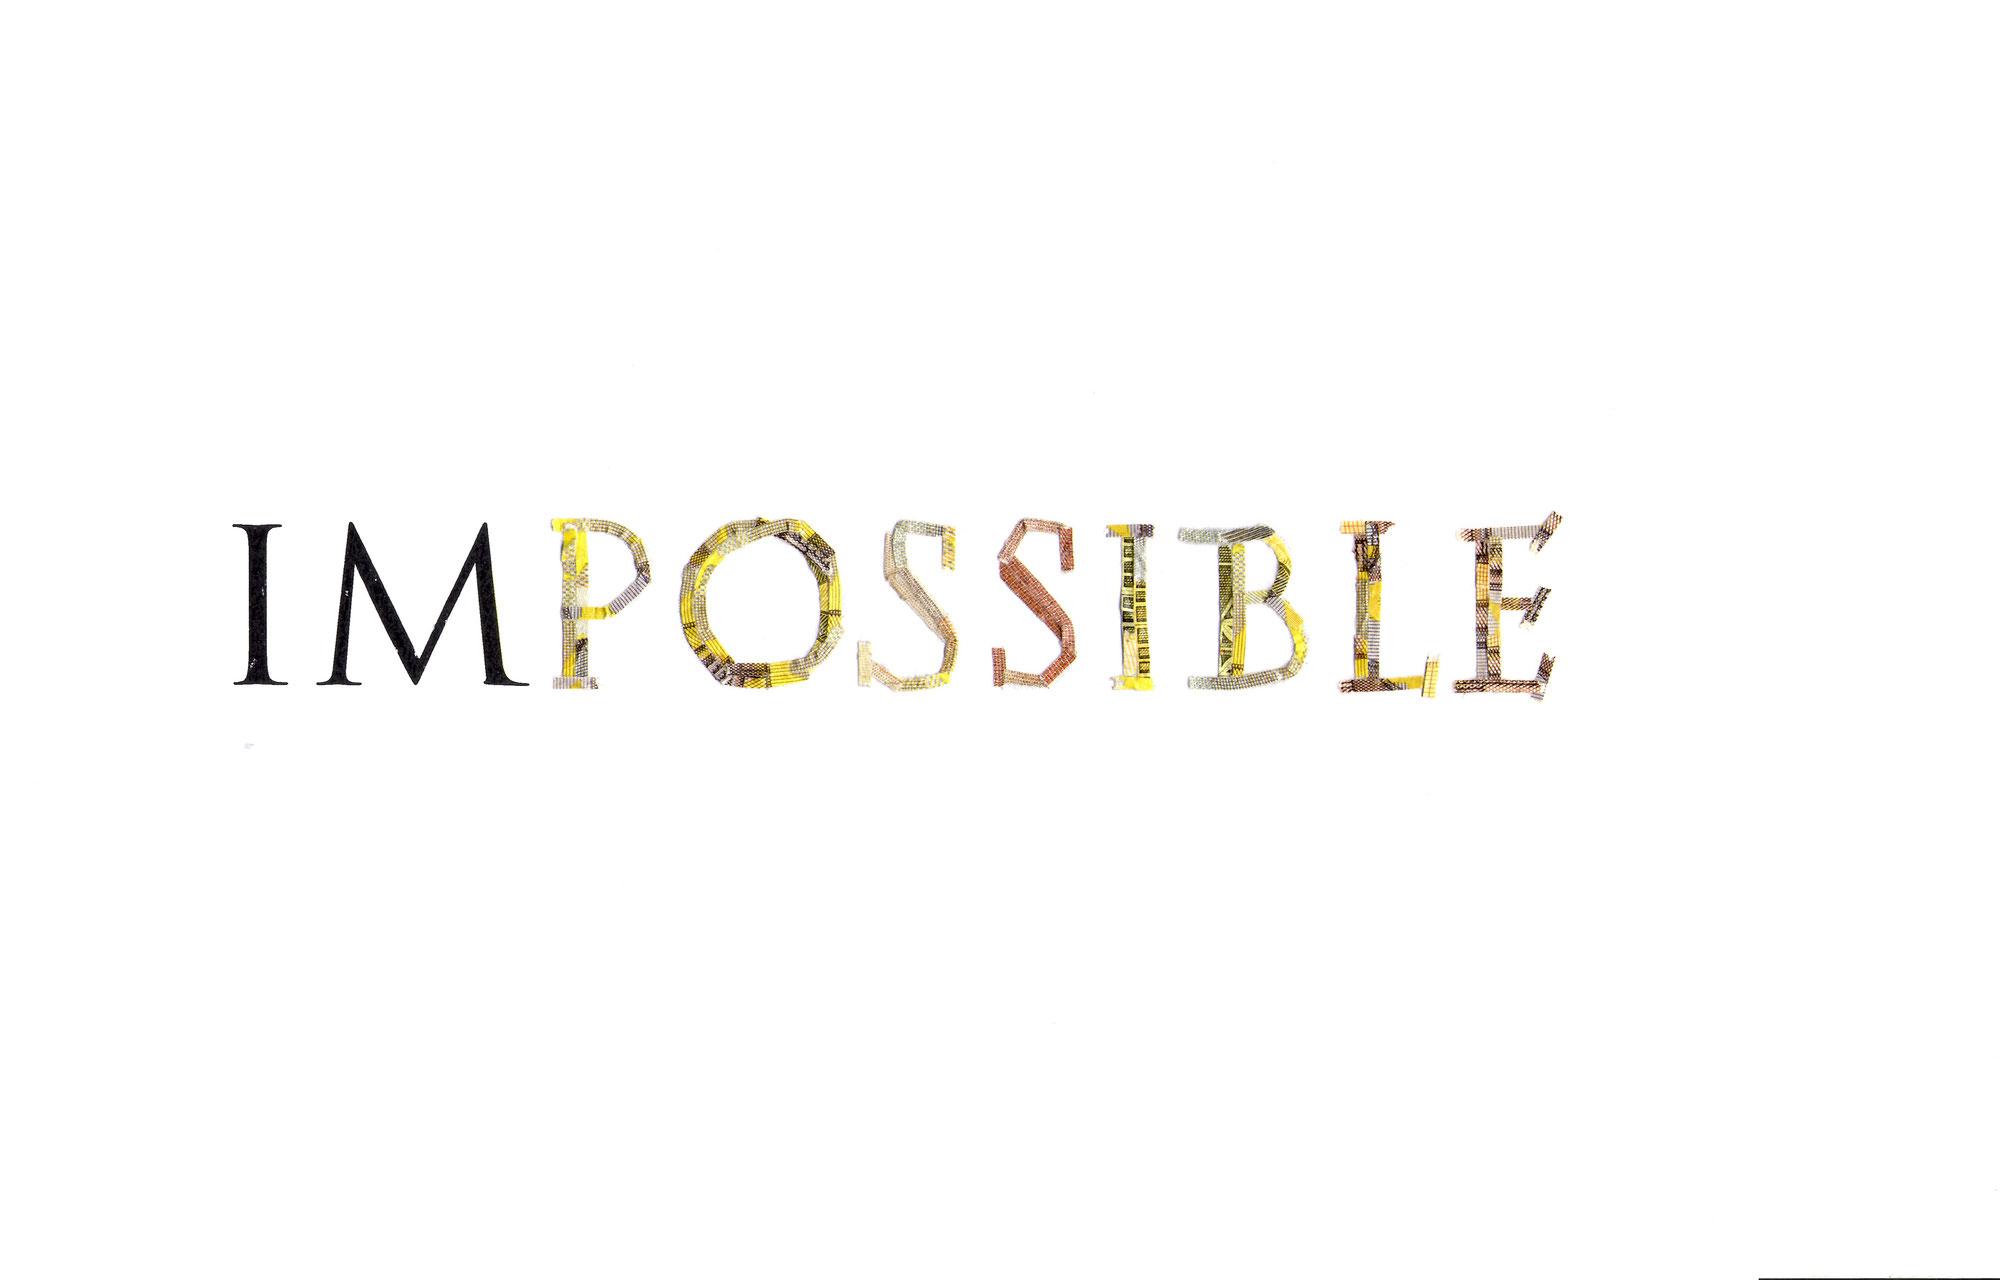 Vision impossible - Man wird ja wohl mal träumen dürfen ...